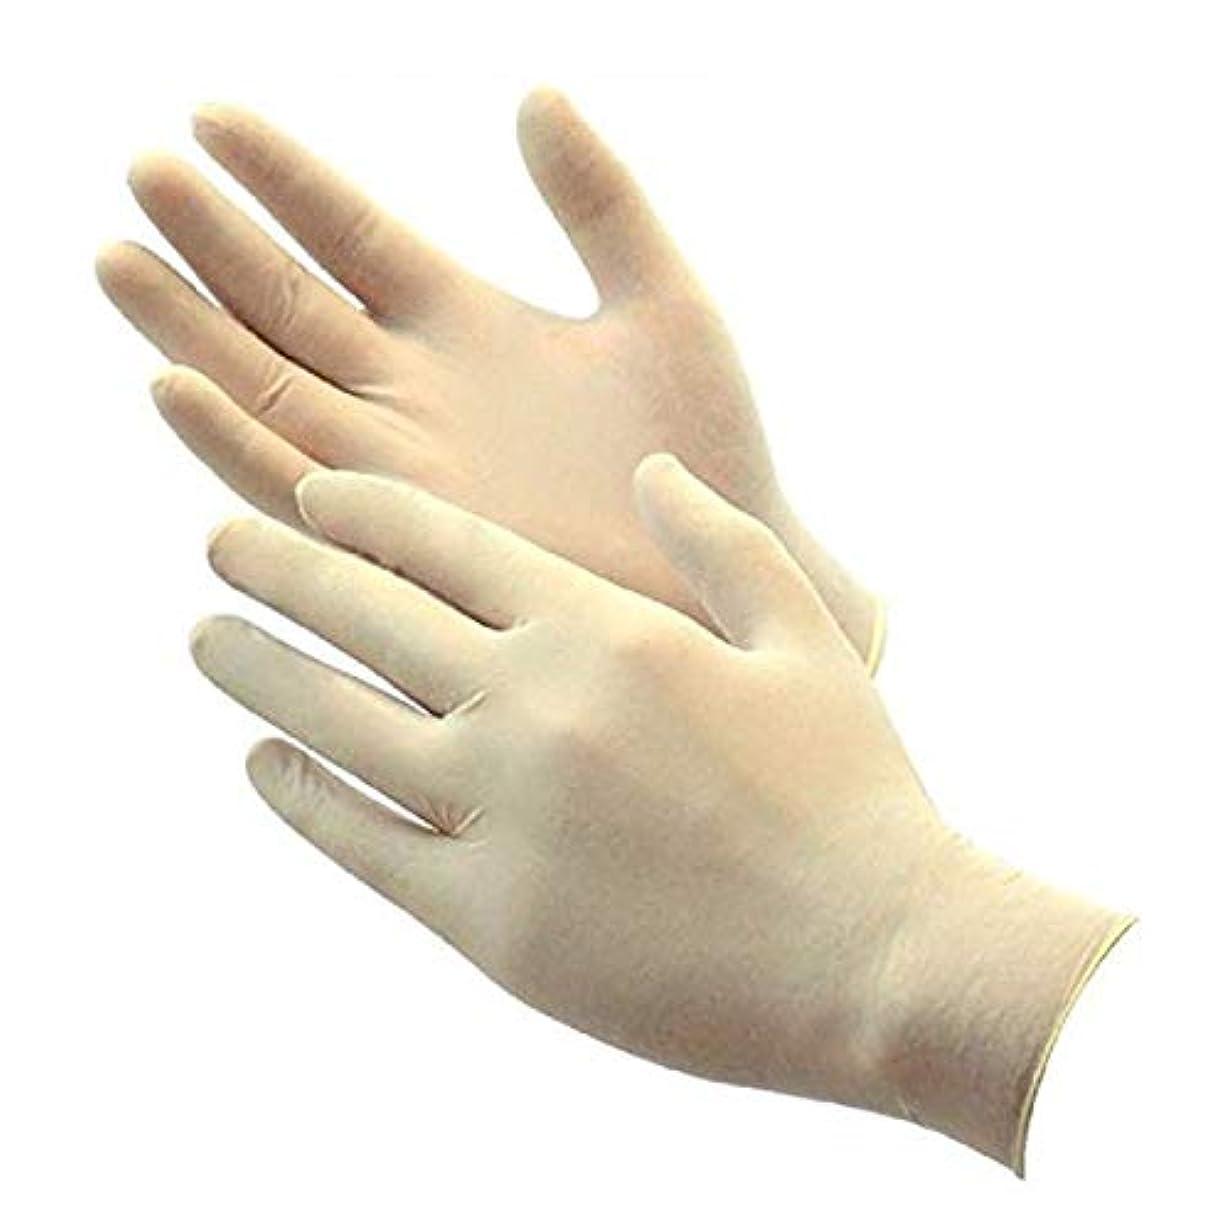 代替リズミカルな高品質ラテックス手袋(クリーンパック)100枚入り (L)